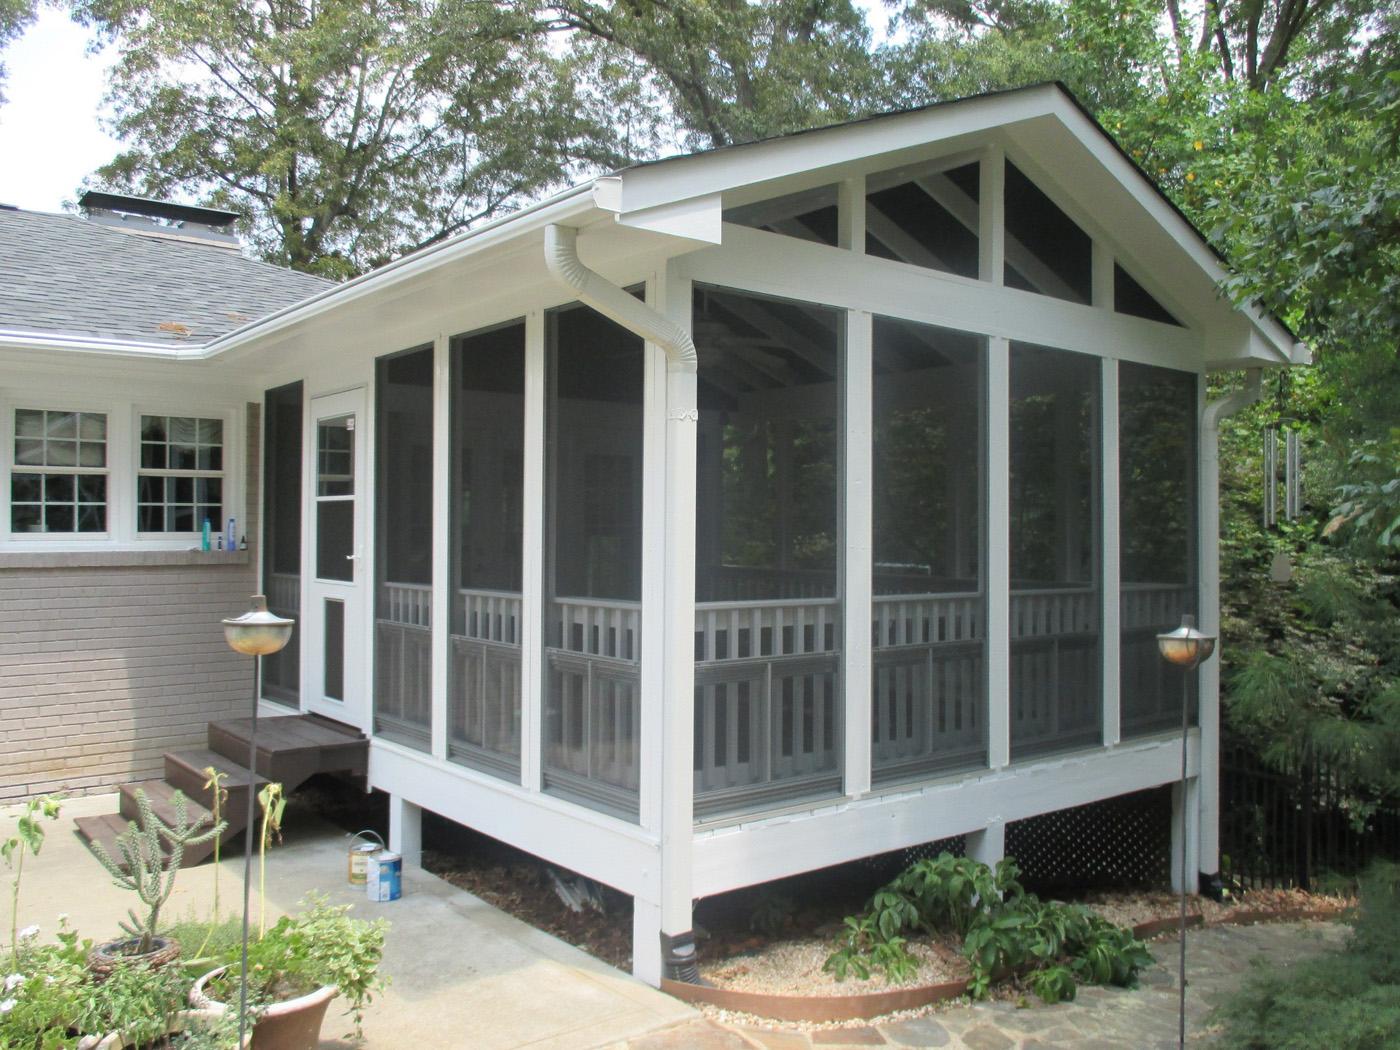 Raleigh Porch Designer - 3 season porch plans